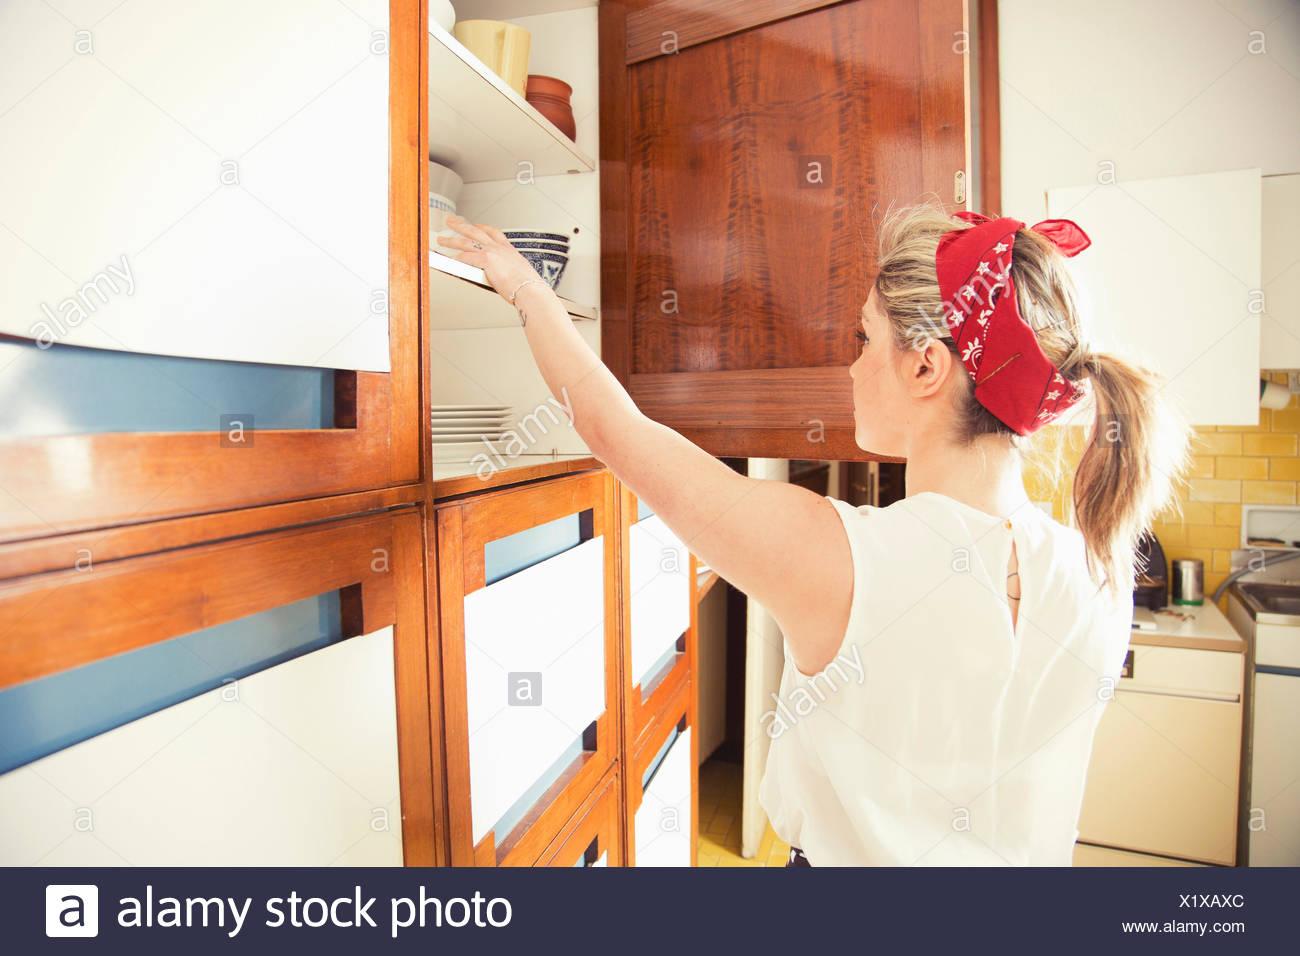 La Credenza Gas : Giovane donna raggiungendo per la credenza in cucina vintage foto